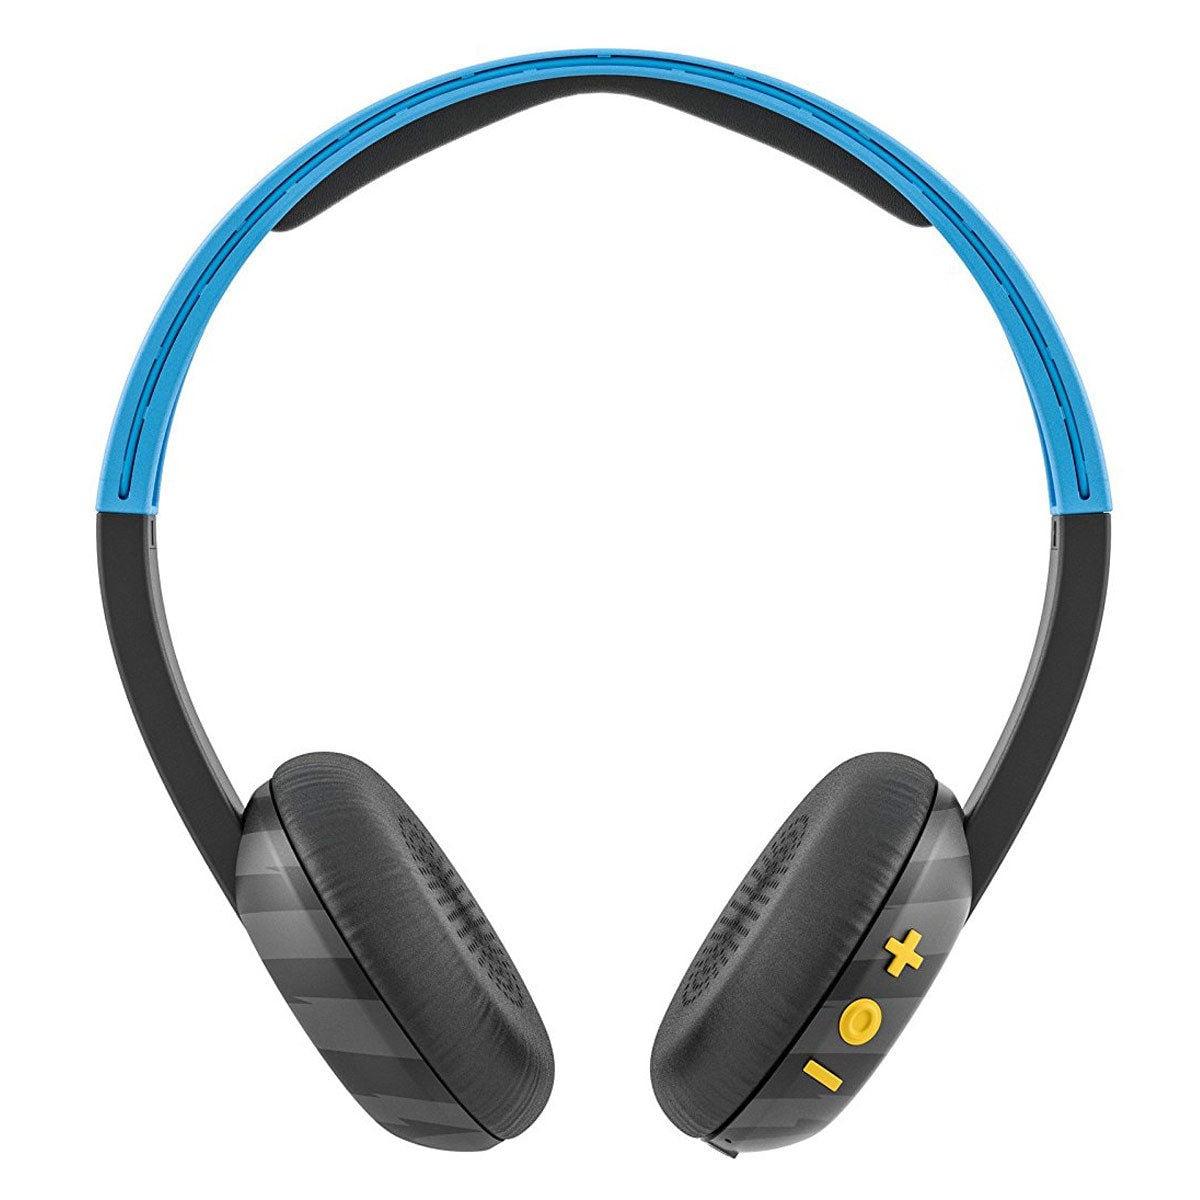 אוזניות קשת אלחוטיות עם מיקרופון Skullcandy UPROAR LOCALS BT